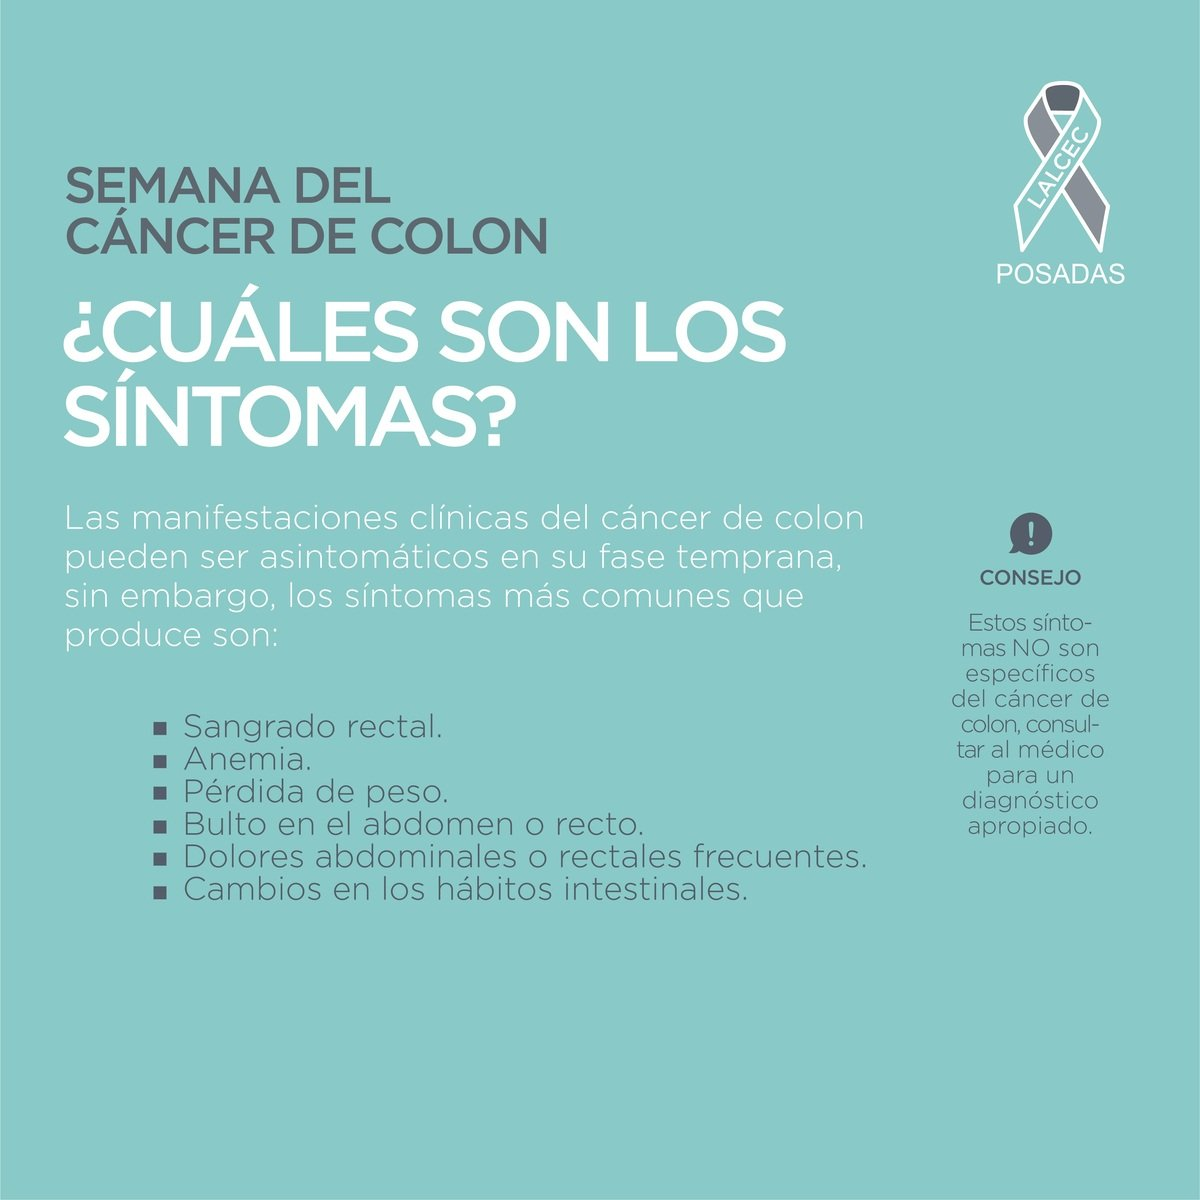 Semana de concientización del cáncer de colon: síntomas, tratamientos y todo lo que hay que saber